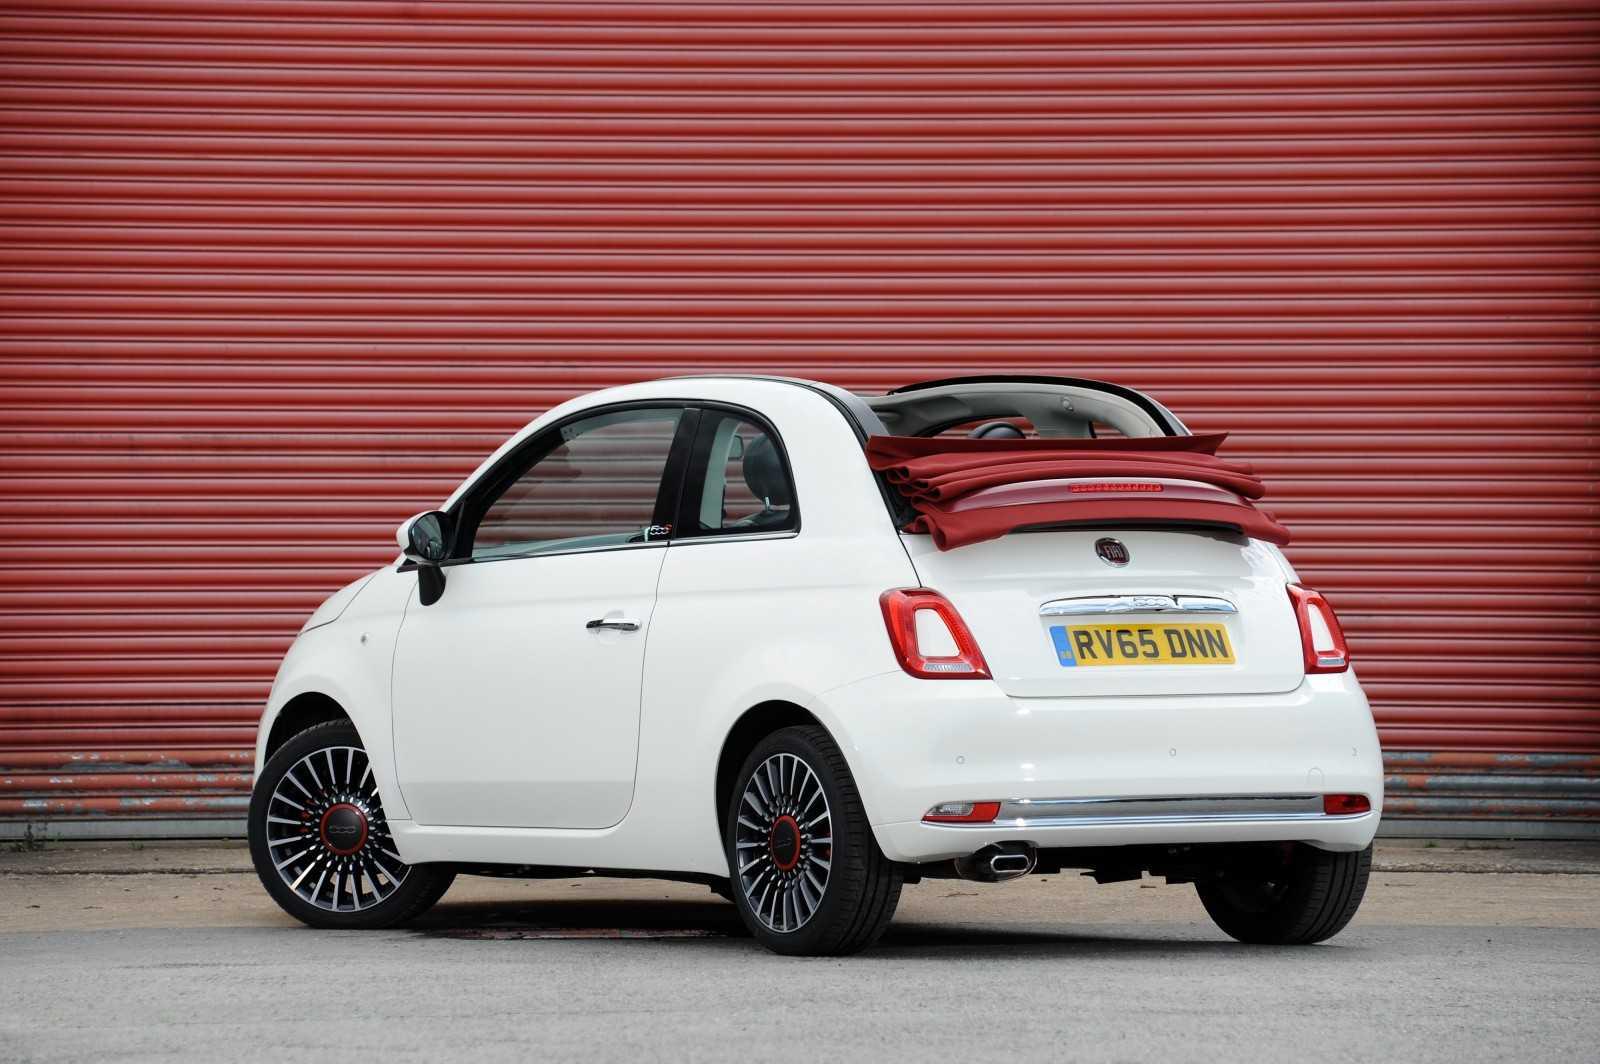 Fiat tipo 2019-2020 цена, технические характеристики, фото, видео тест-драйв